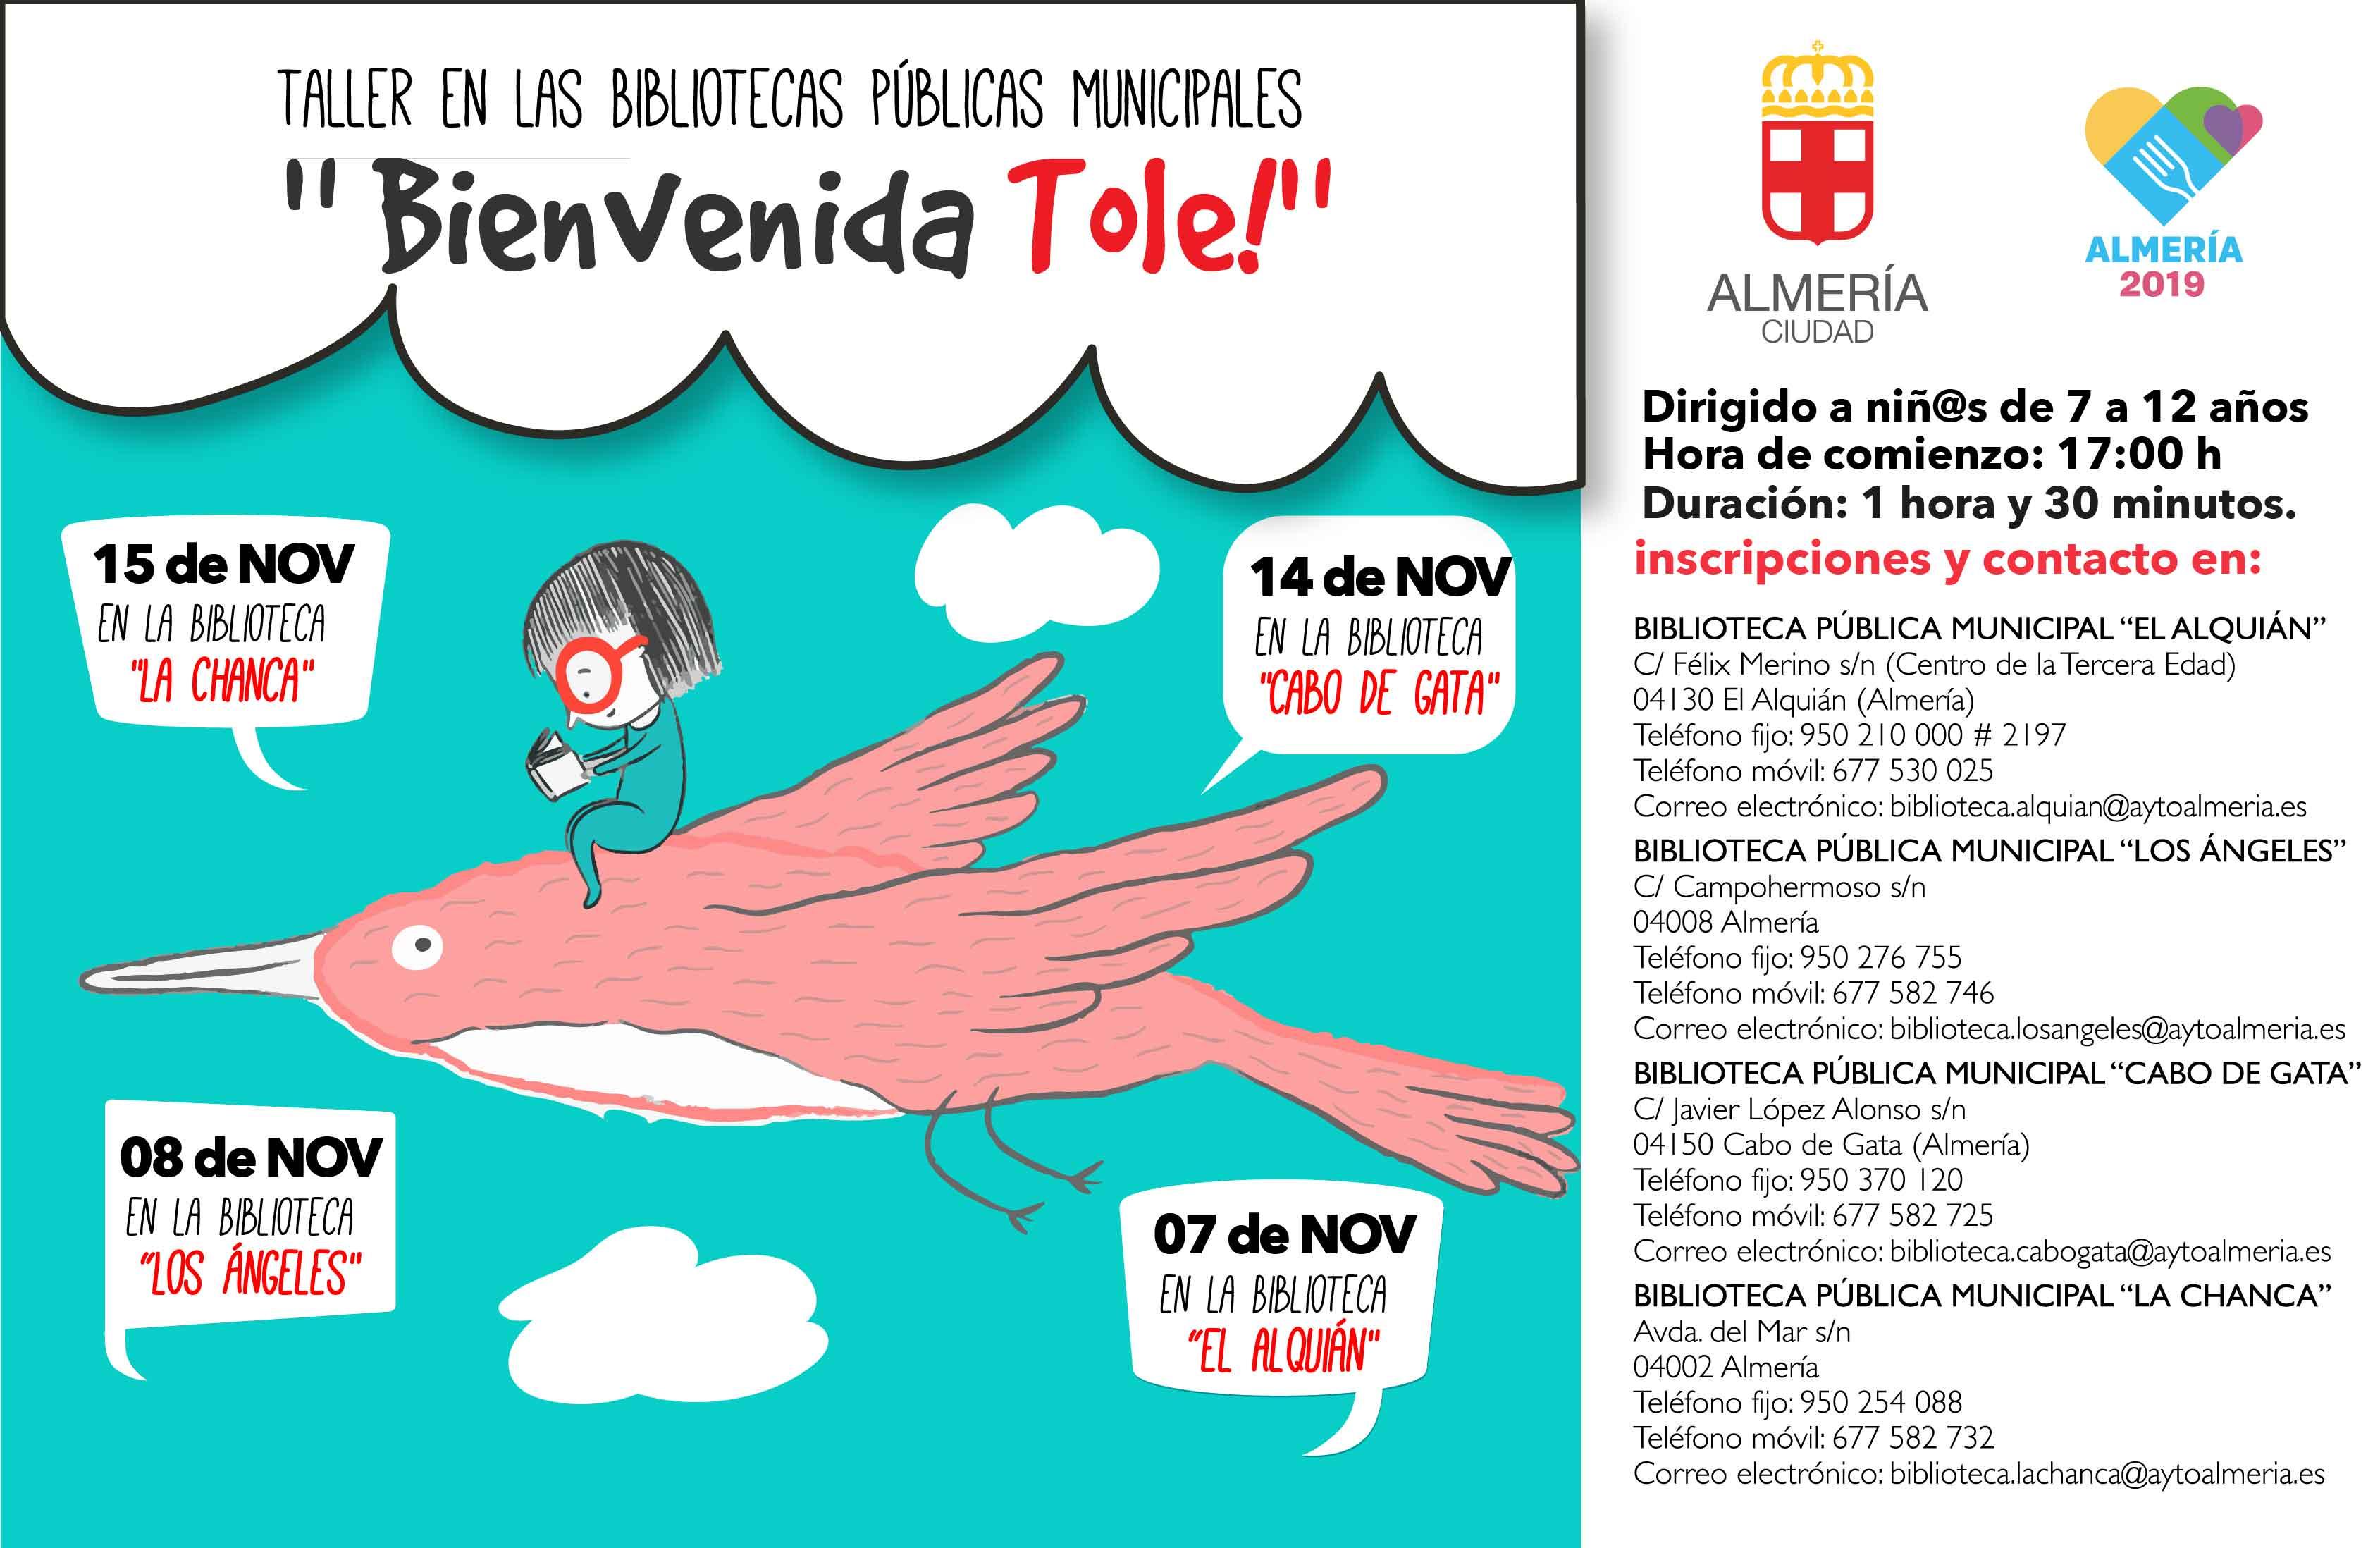 TALLERES 2018 OTOÑO - Cartel noviembre - Bibliotecas Municipales